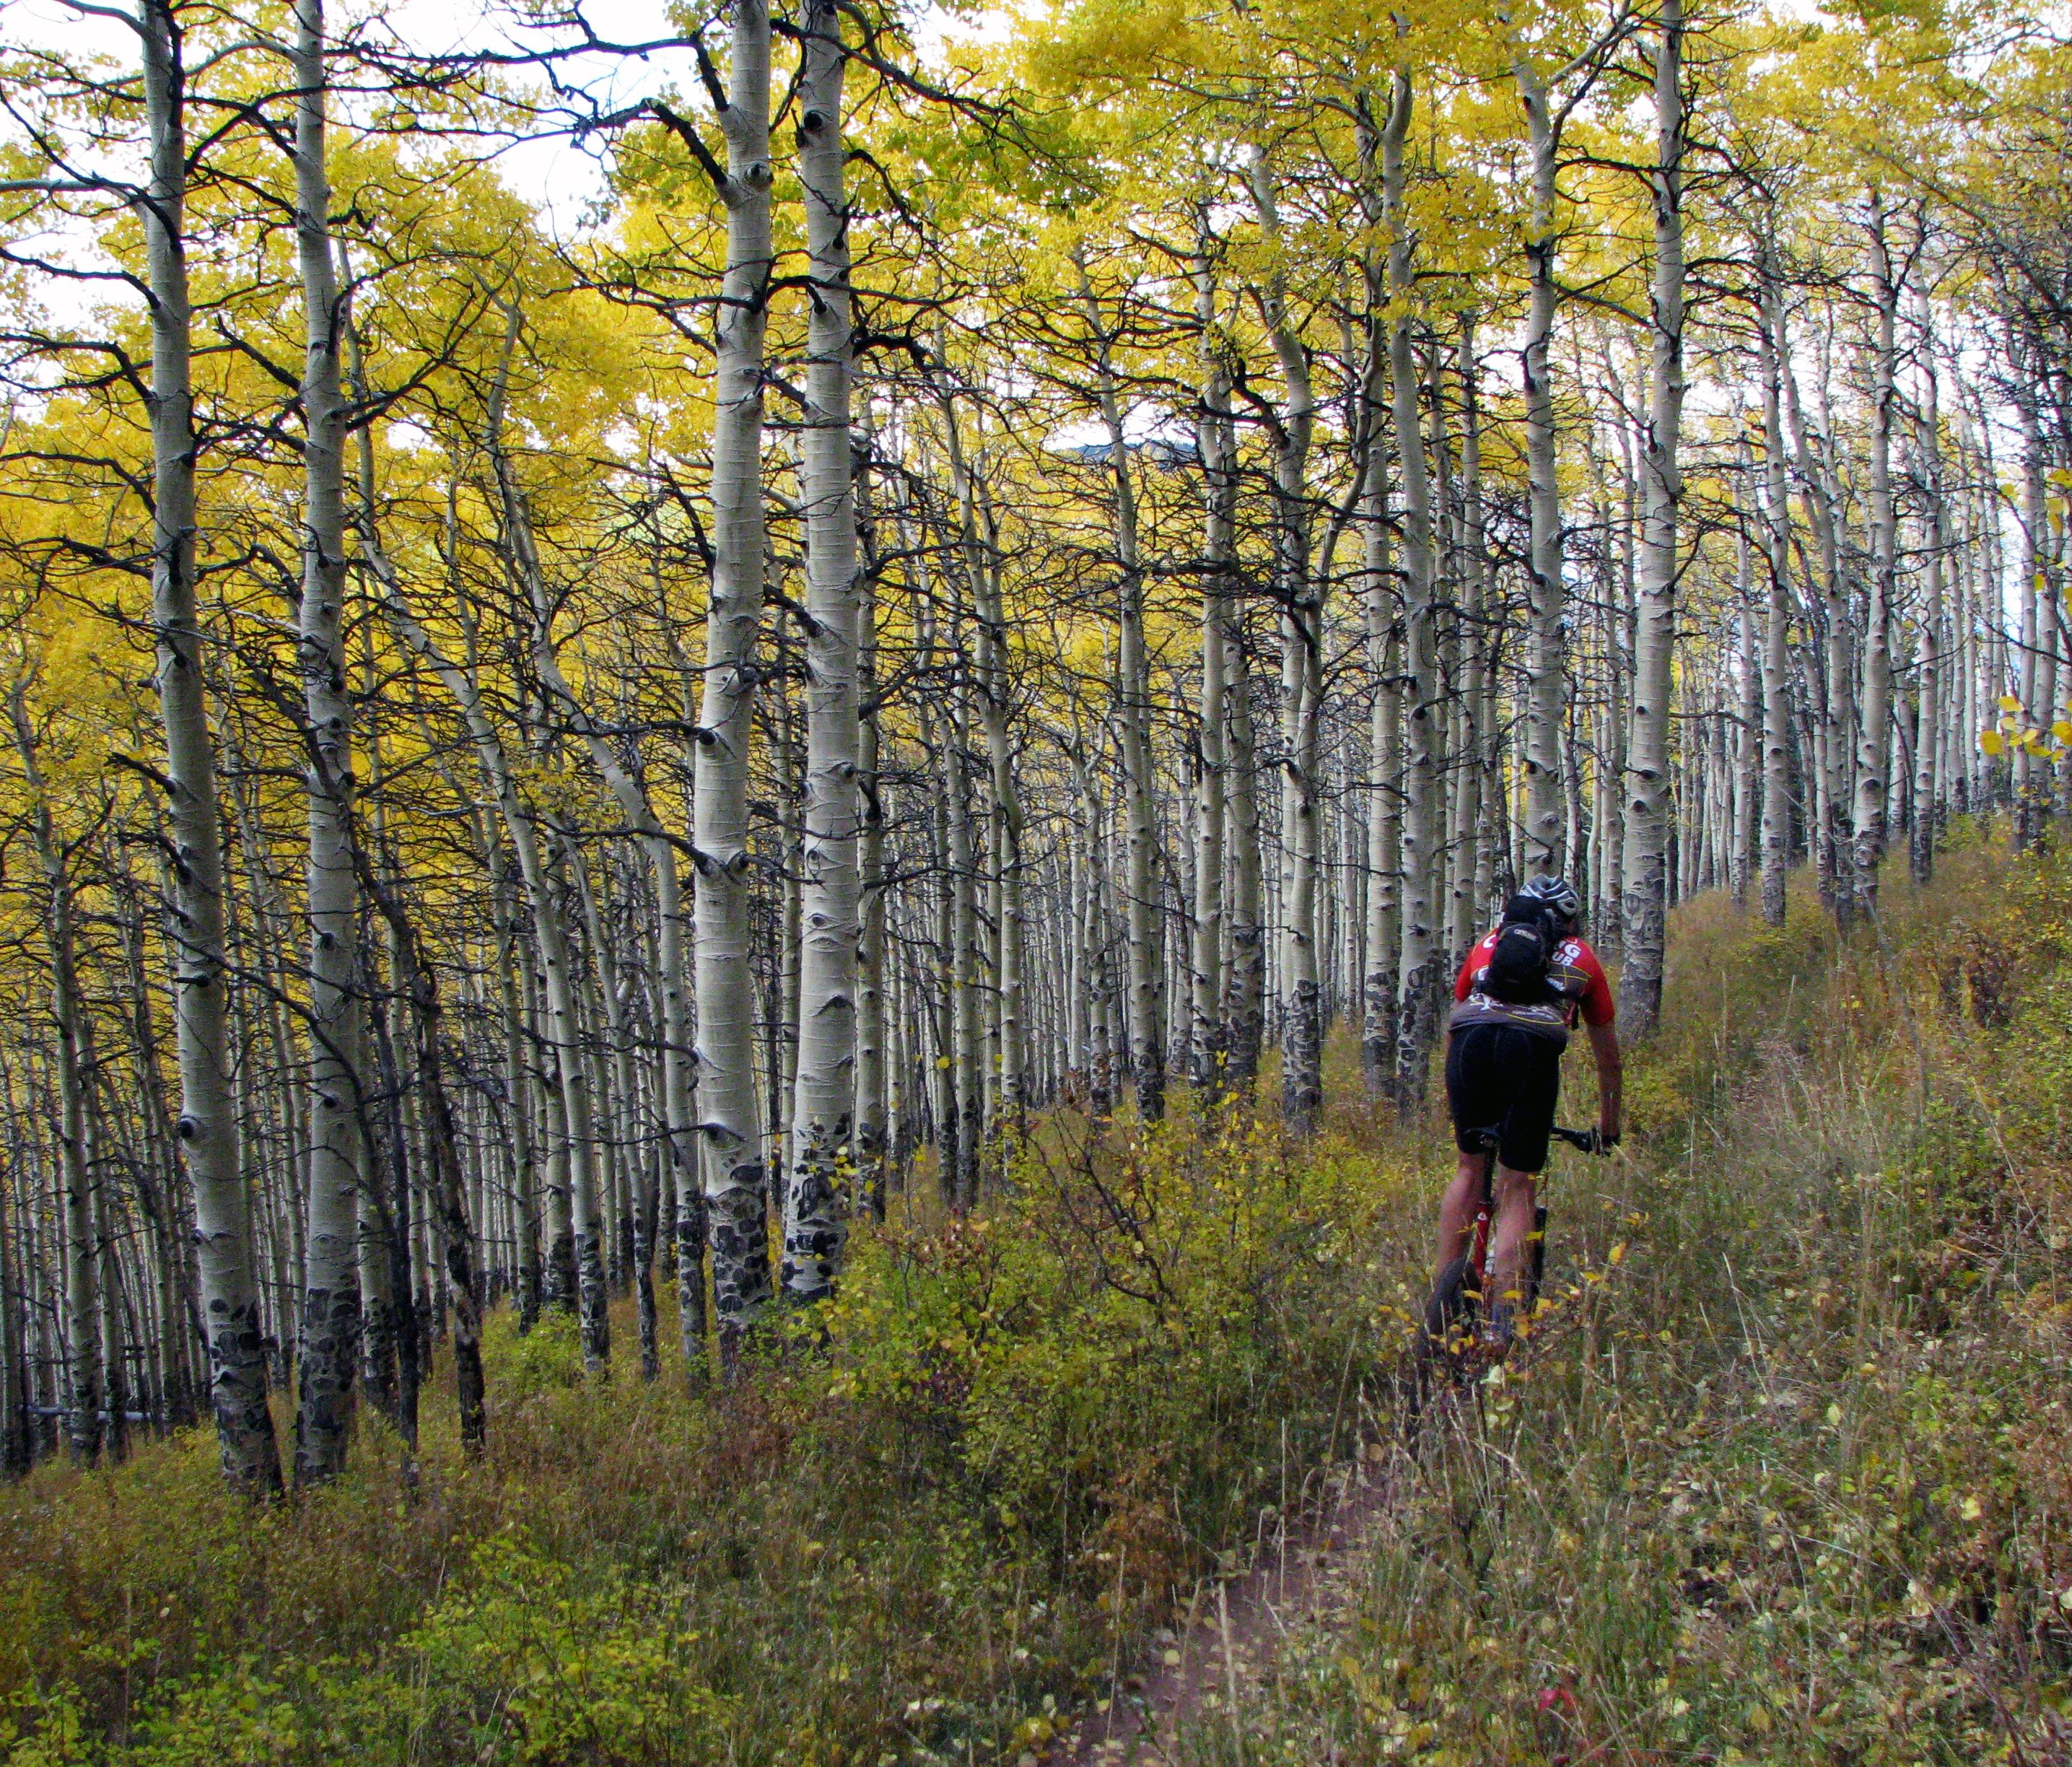 AK trail 01